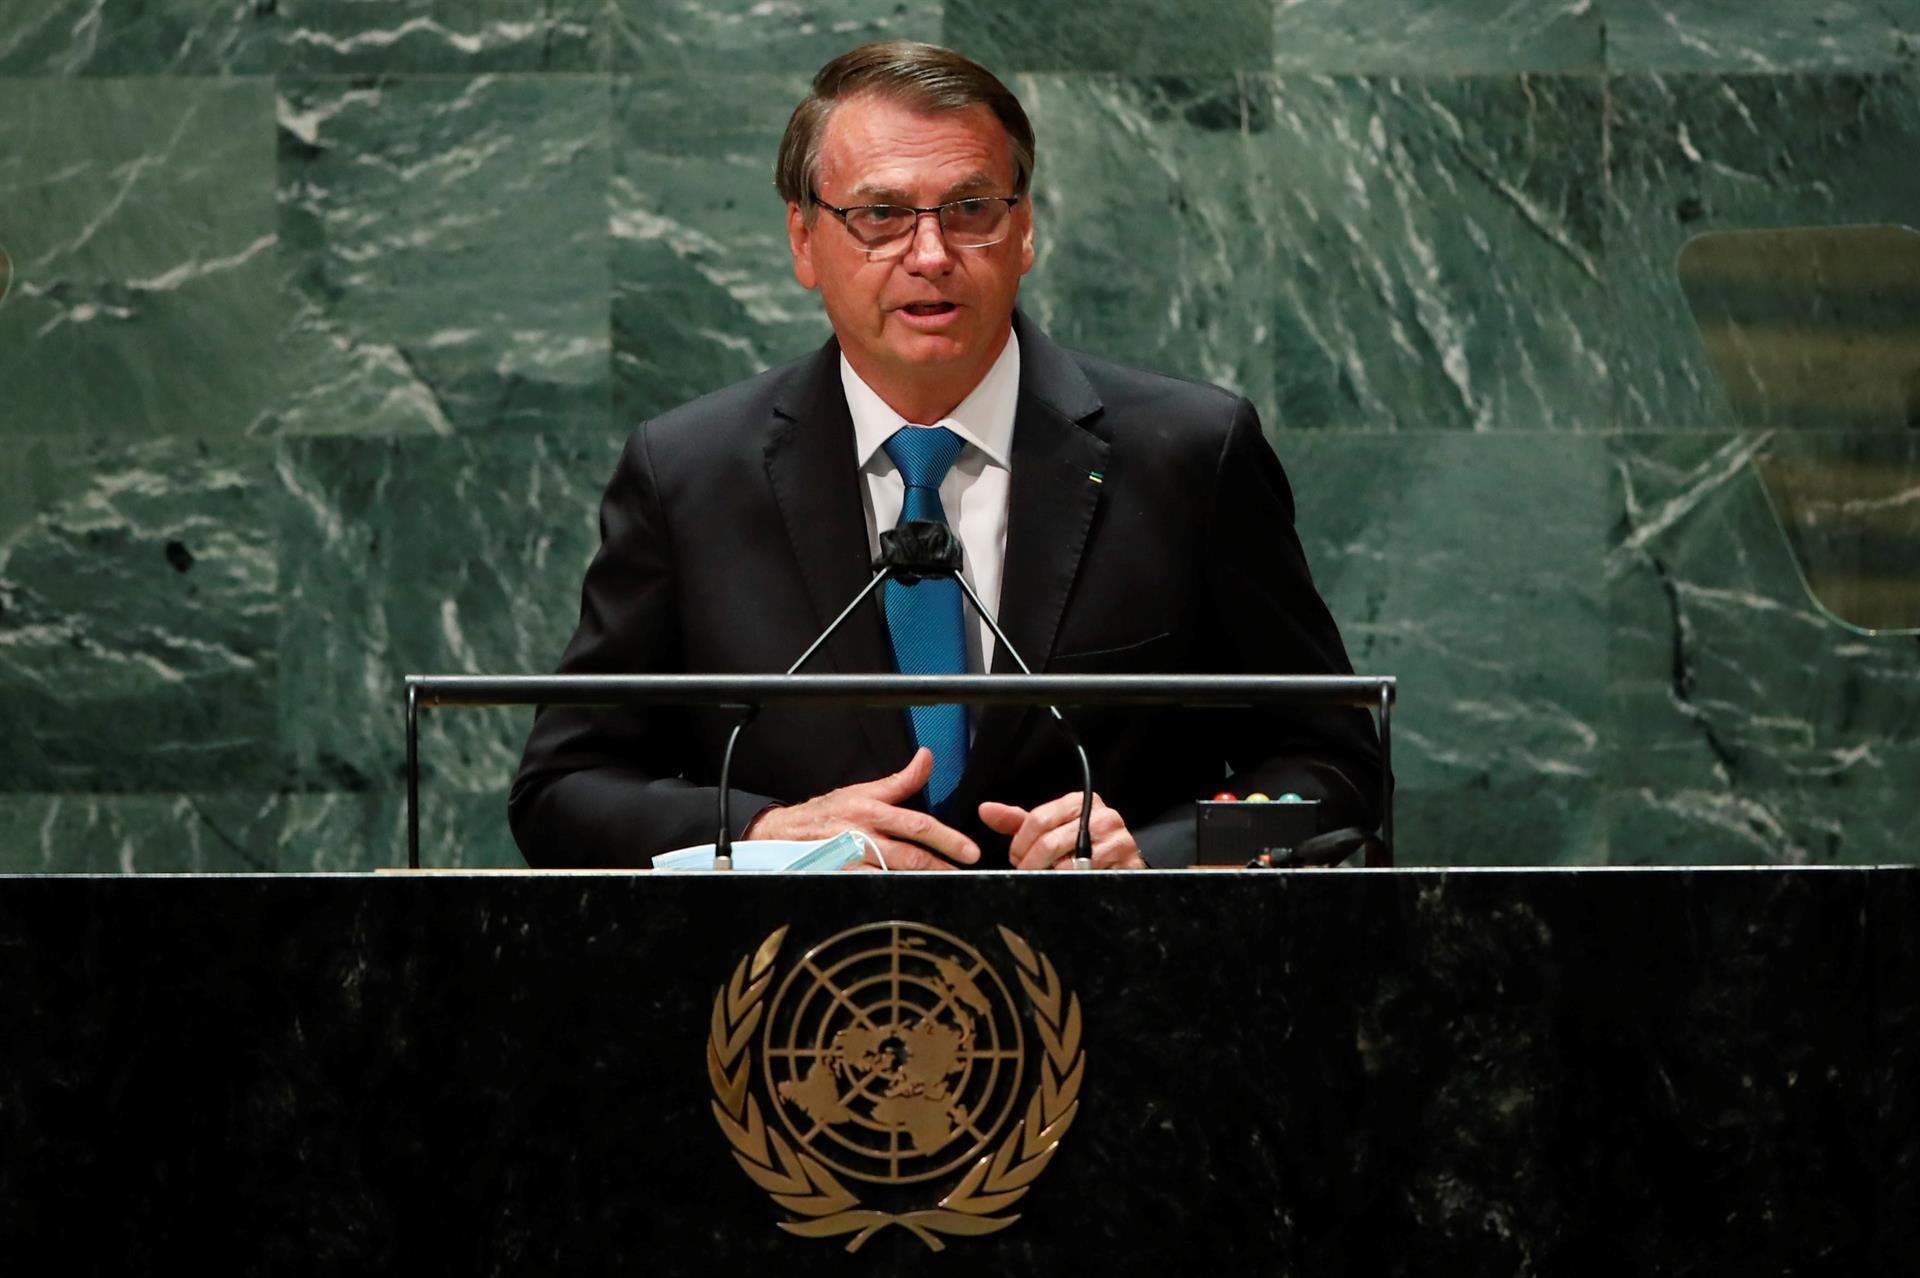 O presidente Jair Bolsonaro discursando na ONU